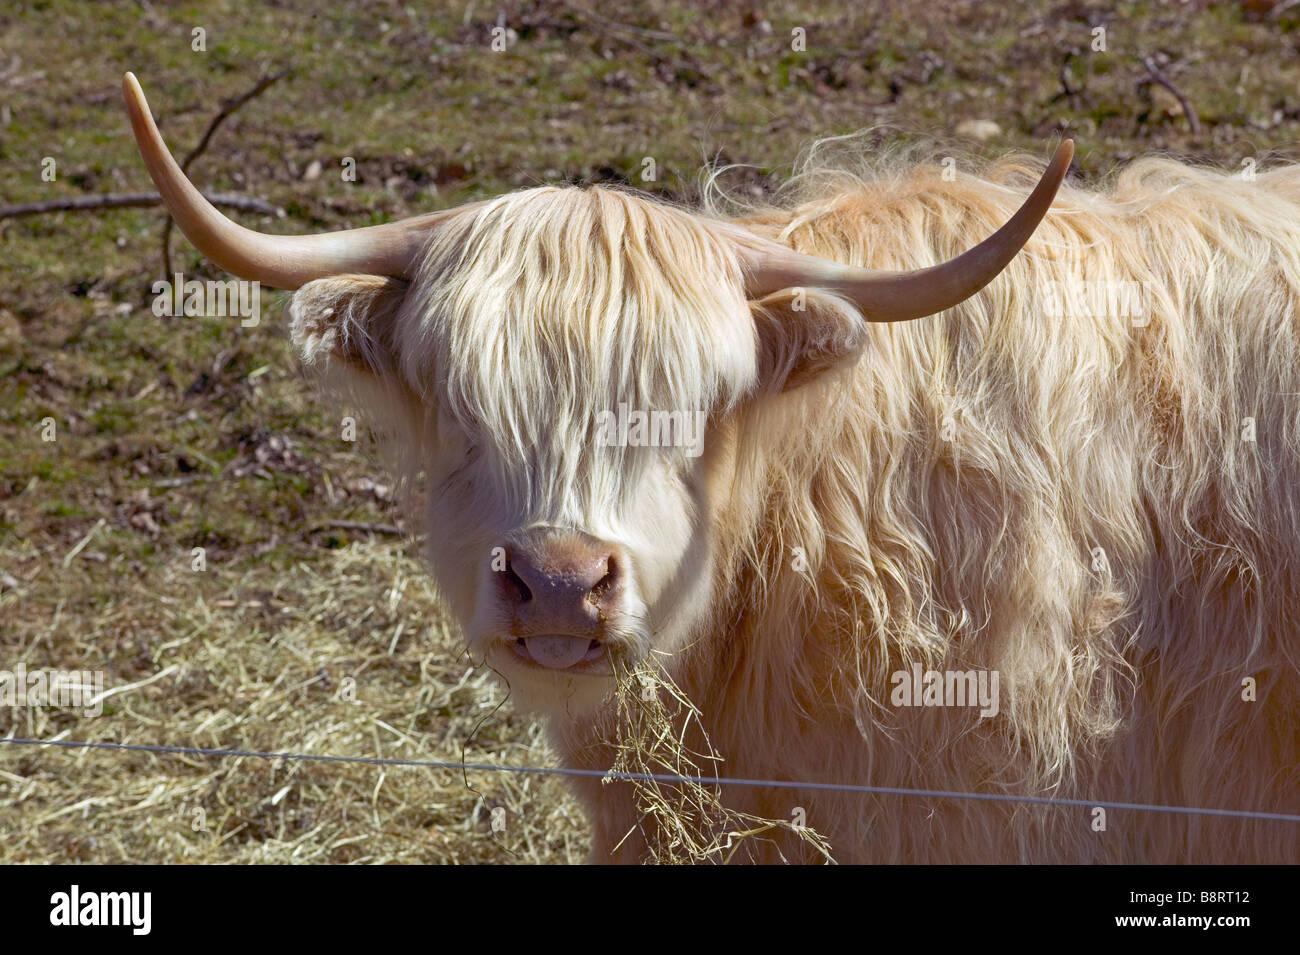 Headshot of a Scottish highlander bull. - Stock Image